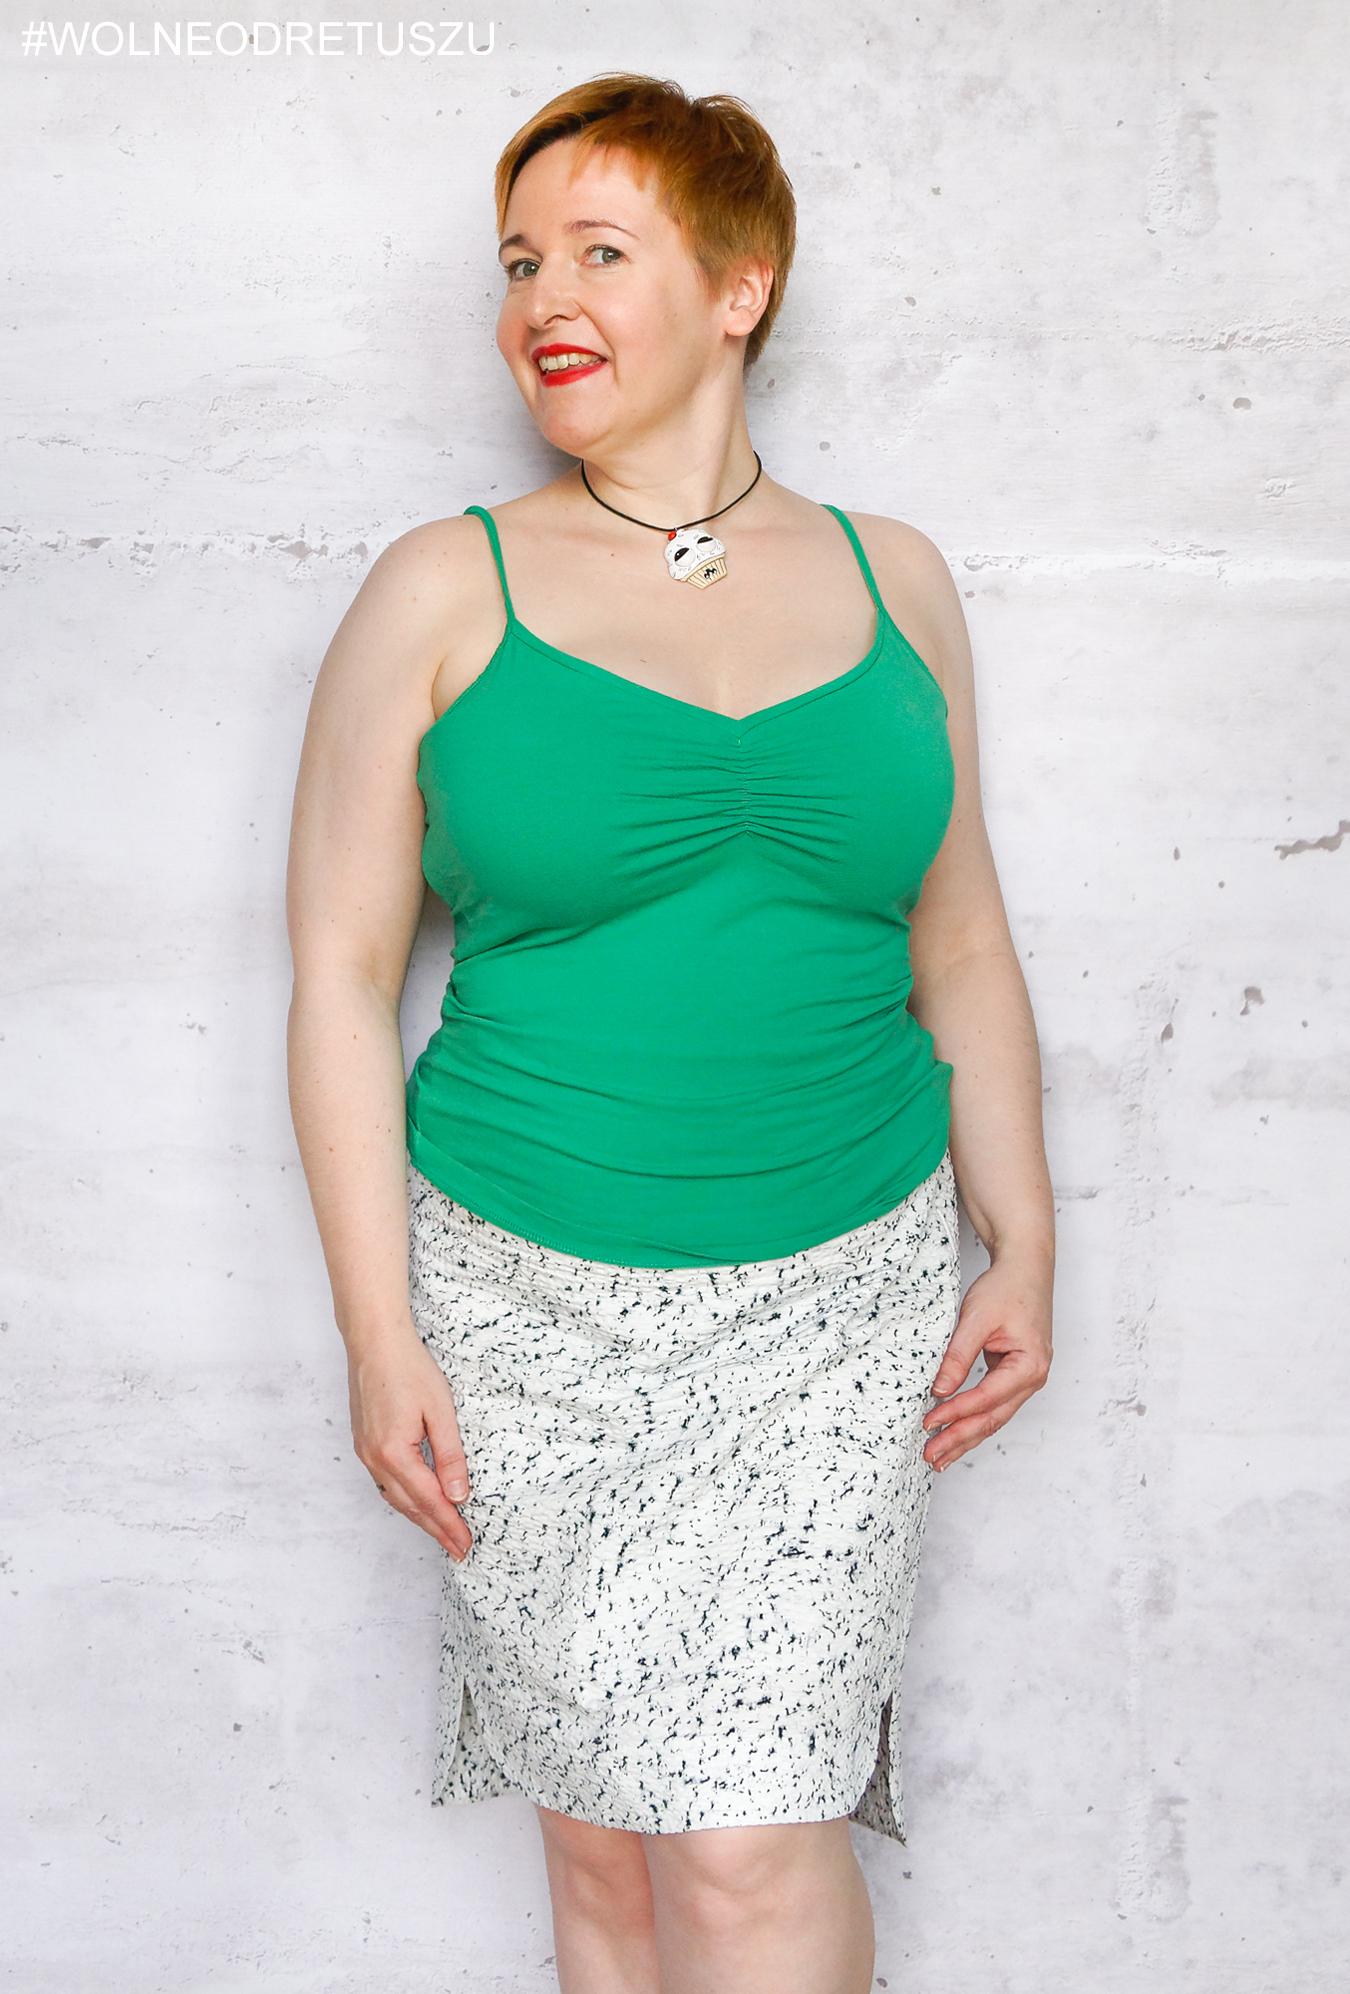 Stanik: Koko plunge strapless rozmiar 38FF, Ubranie: top Mexx rozmiar XL, spódnica COS rozmiar 44